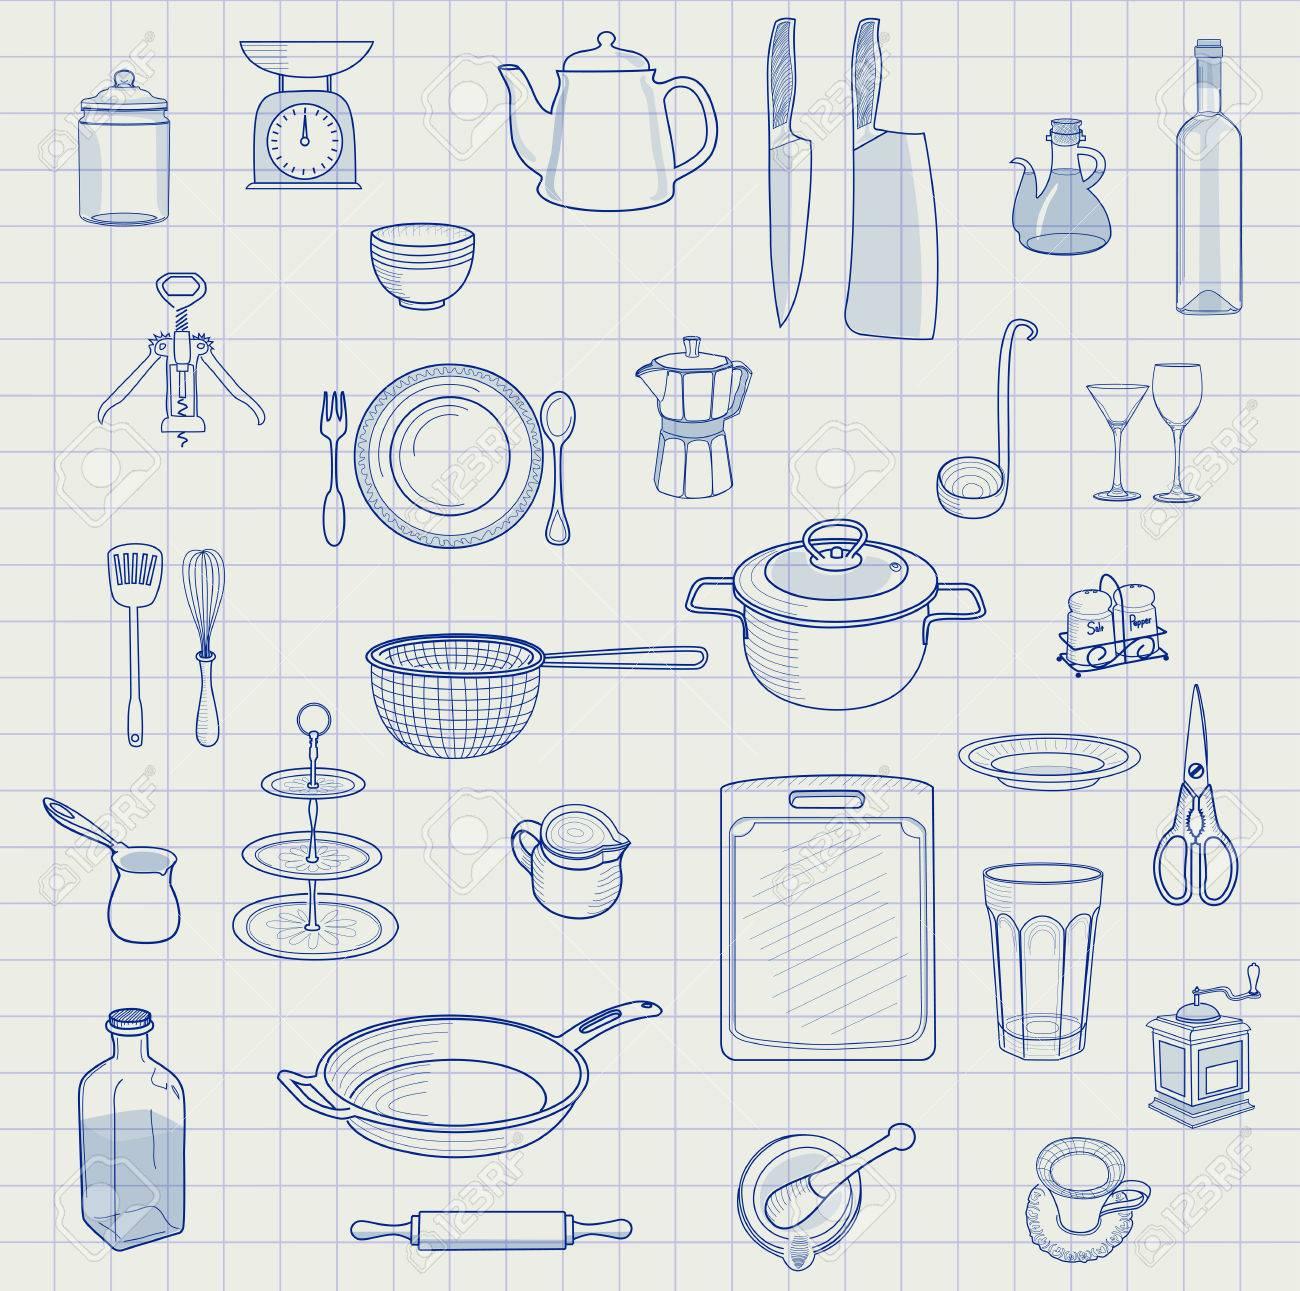 Bild Stift Küchenutensilien Gesetzt Lizenzfrei Nutzbare ...